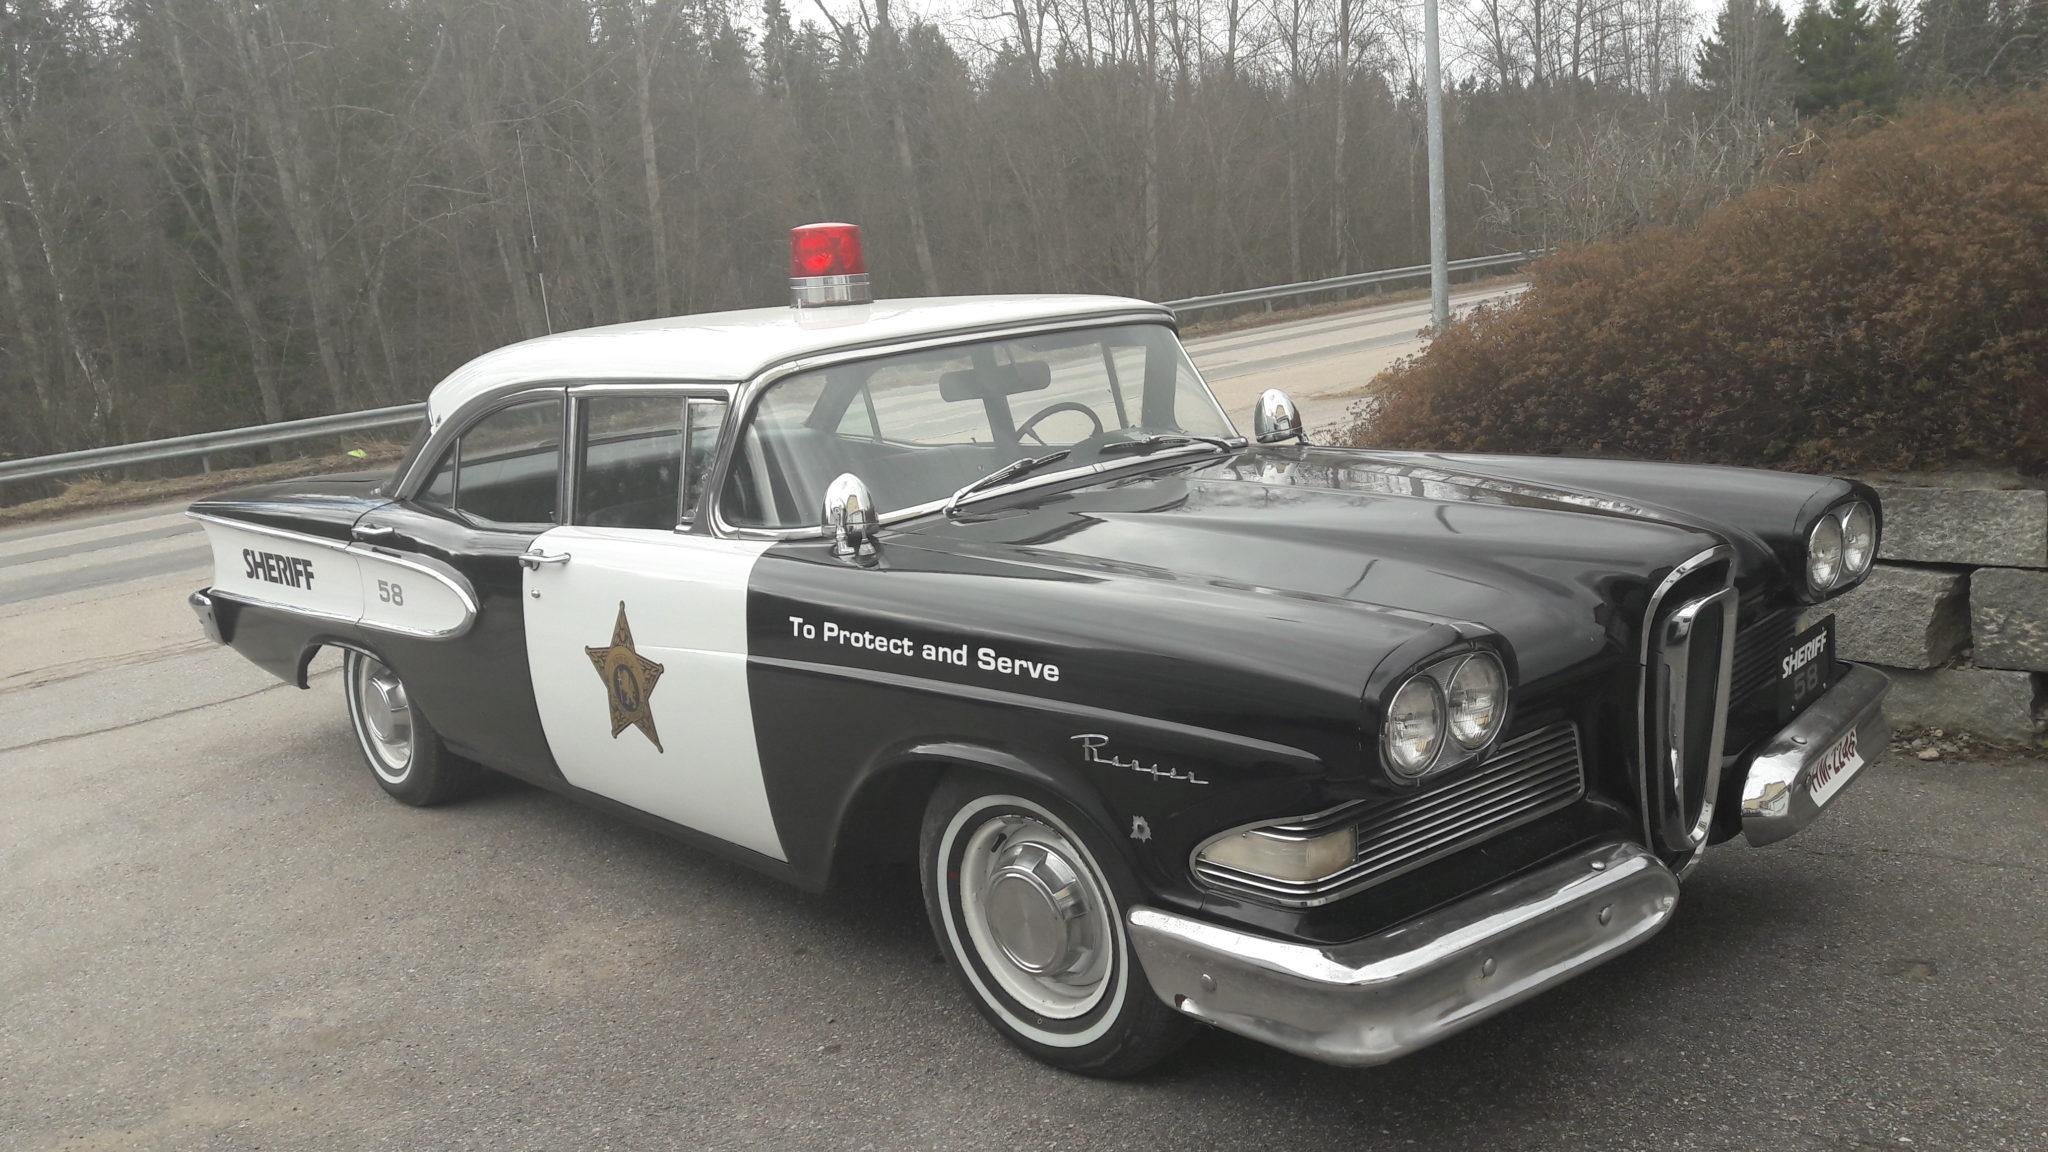 Poliisi auto suoraan jenkkiläastä